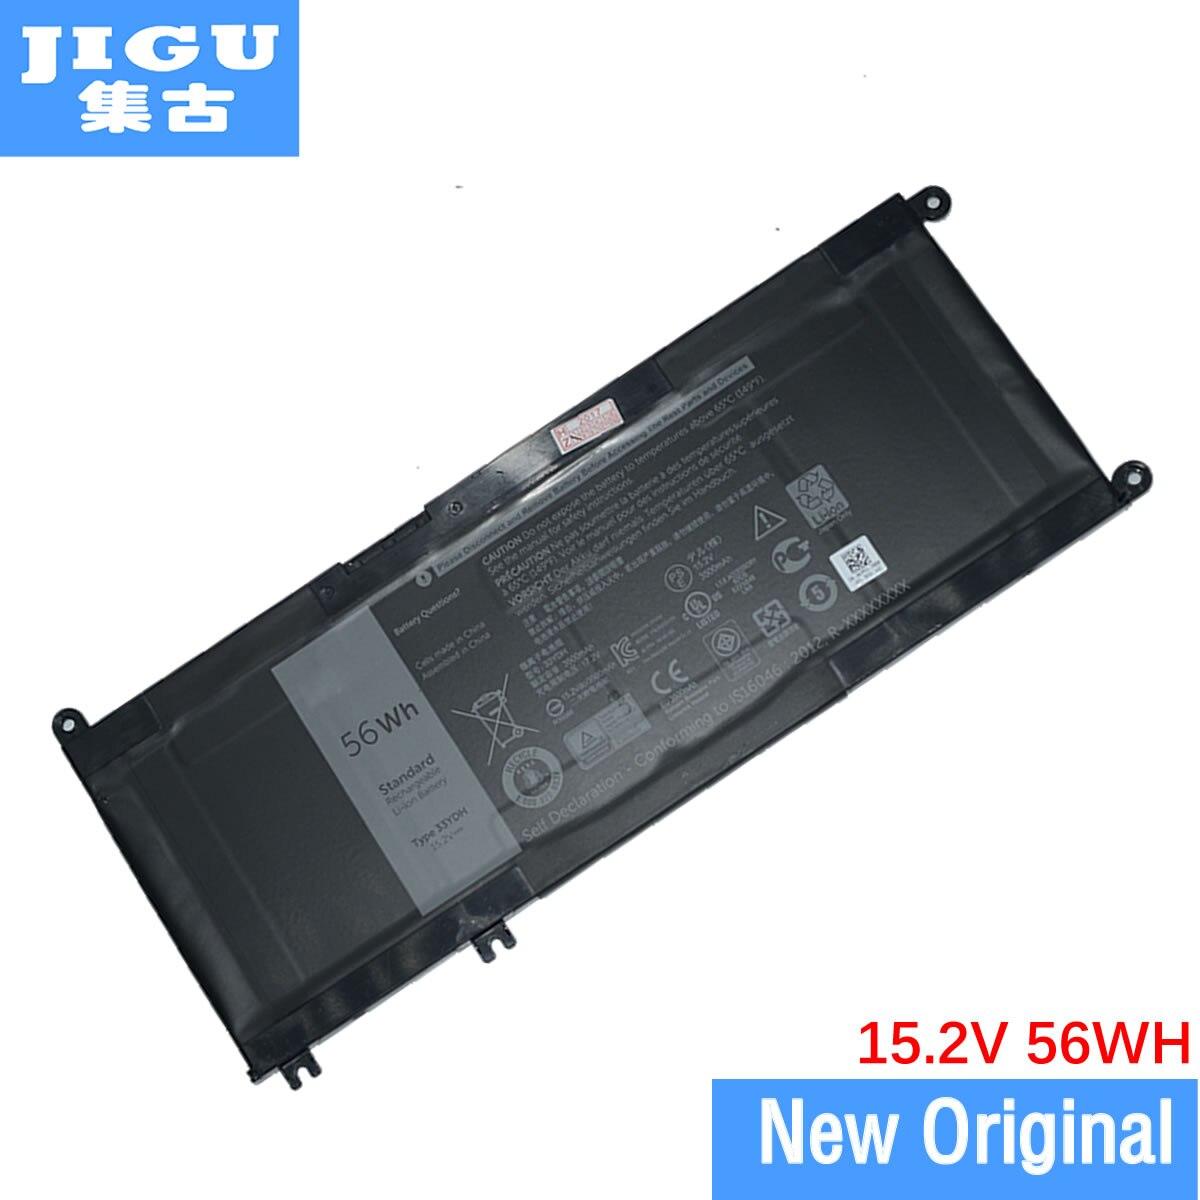 Batterie d'ordinateur portable Original JIGU 33YDH pour DELL pour Inspiron 17 7778 7779